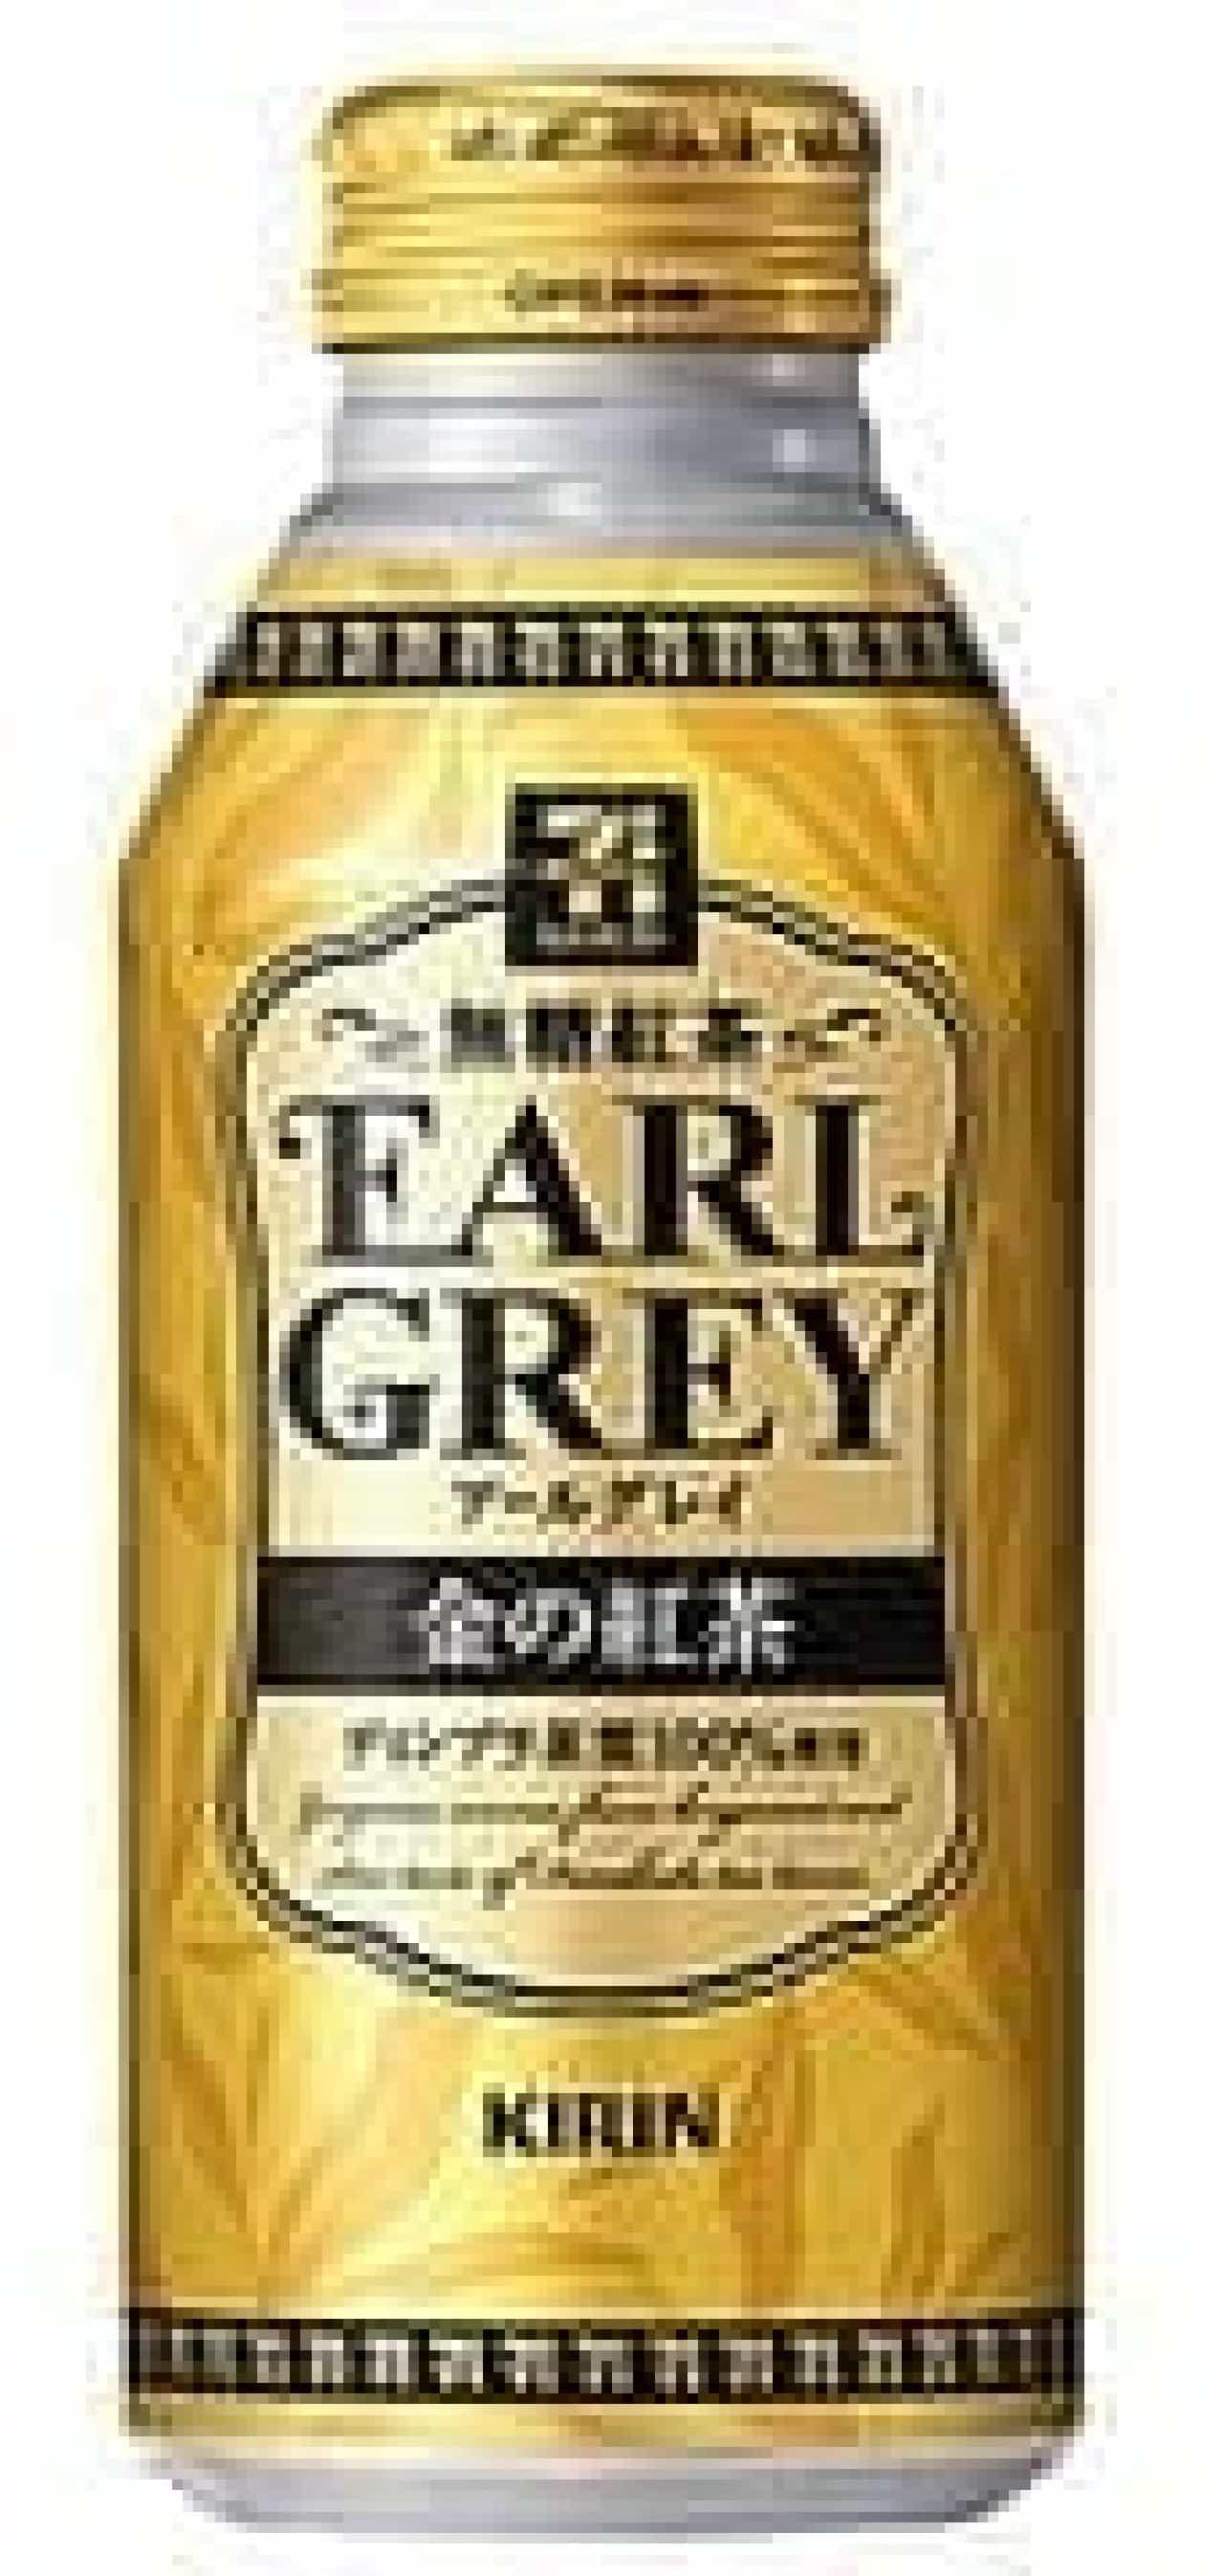 ゴールドに輝く「金の紅茶」